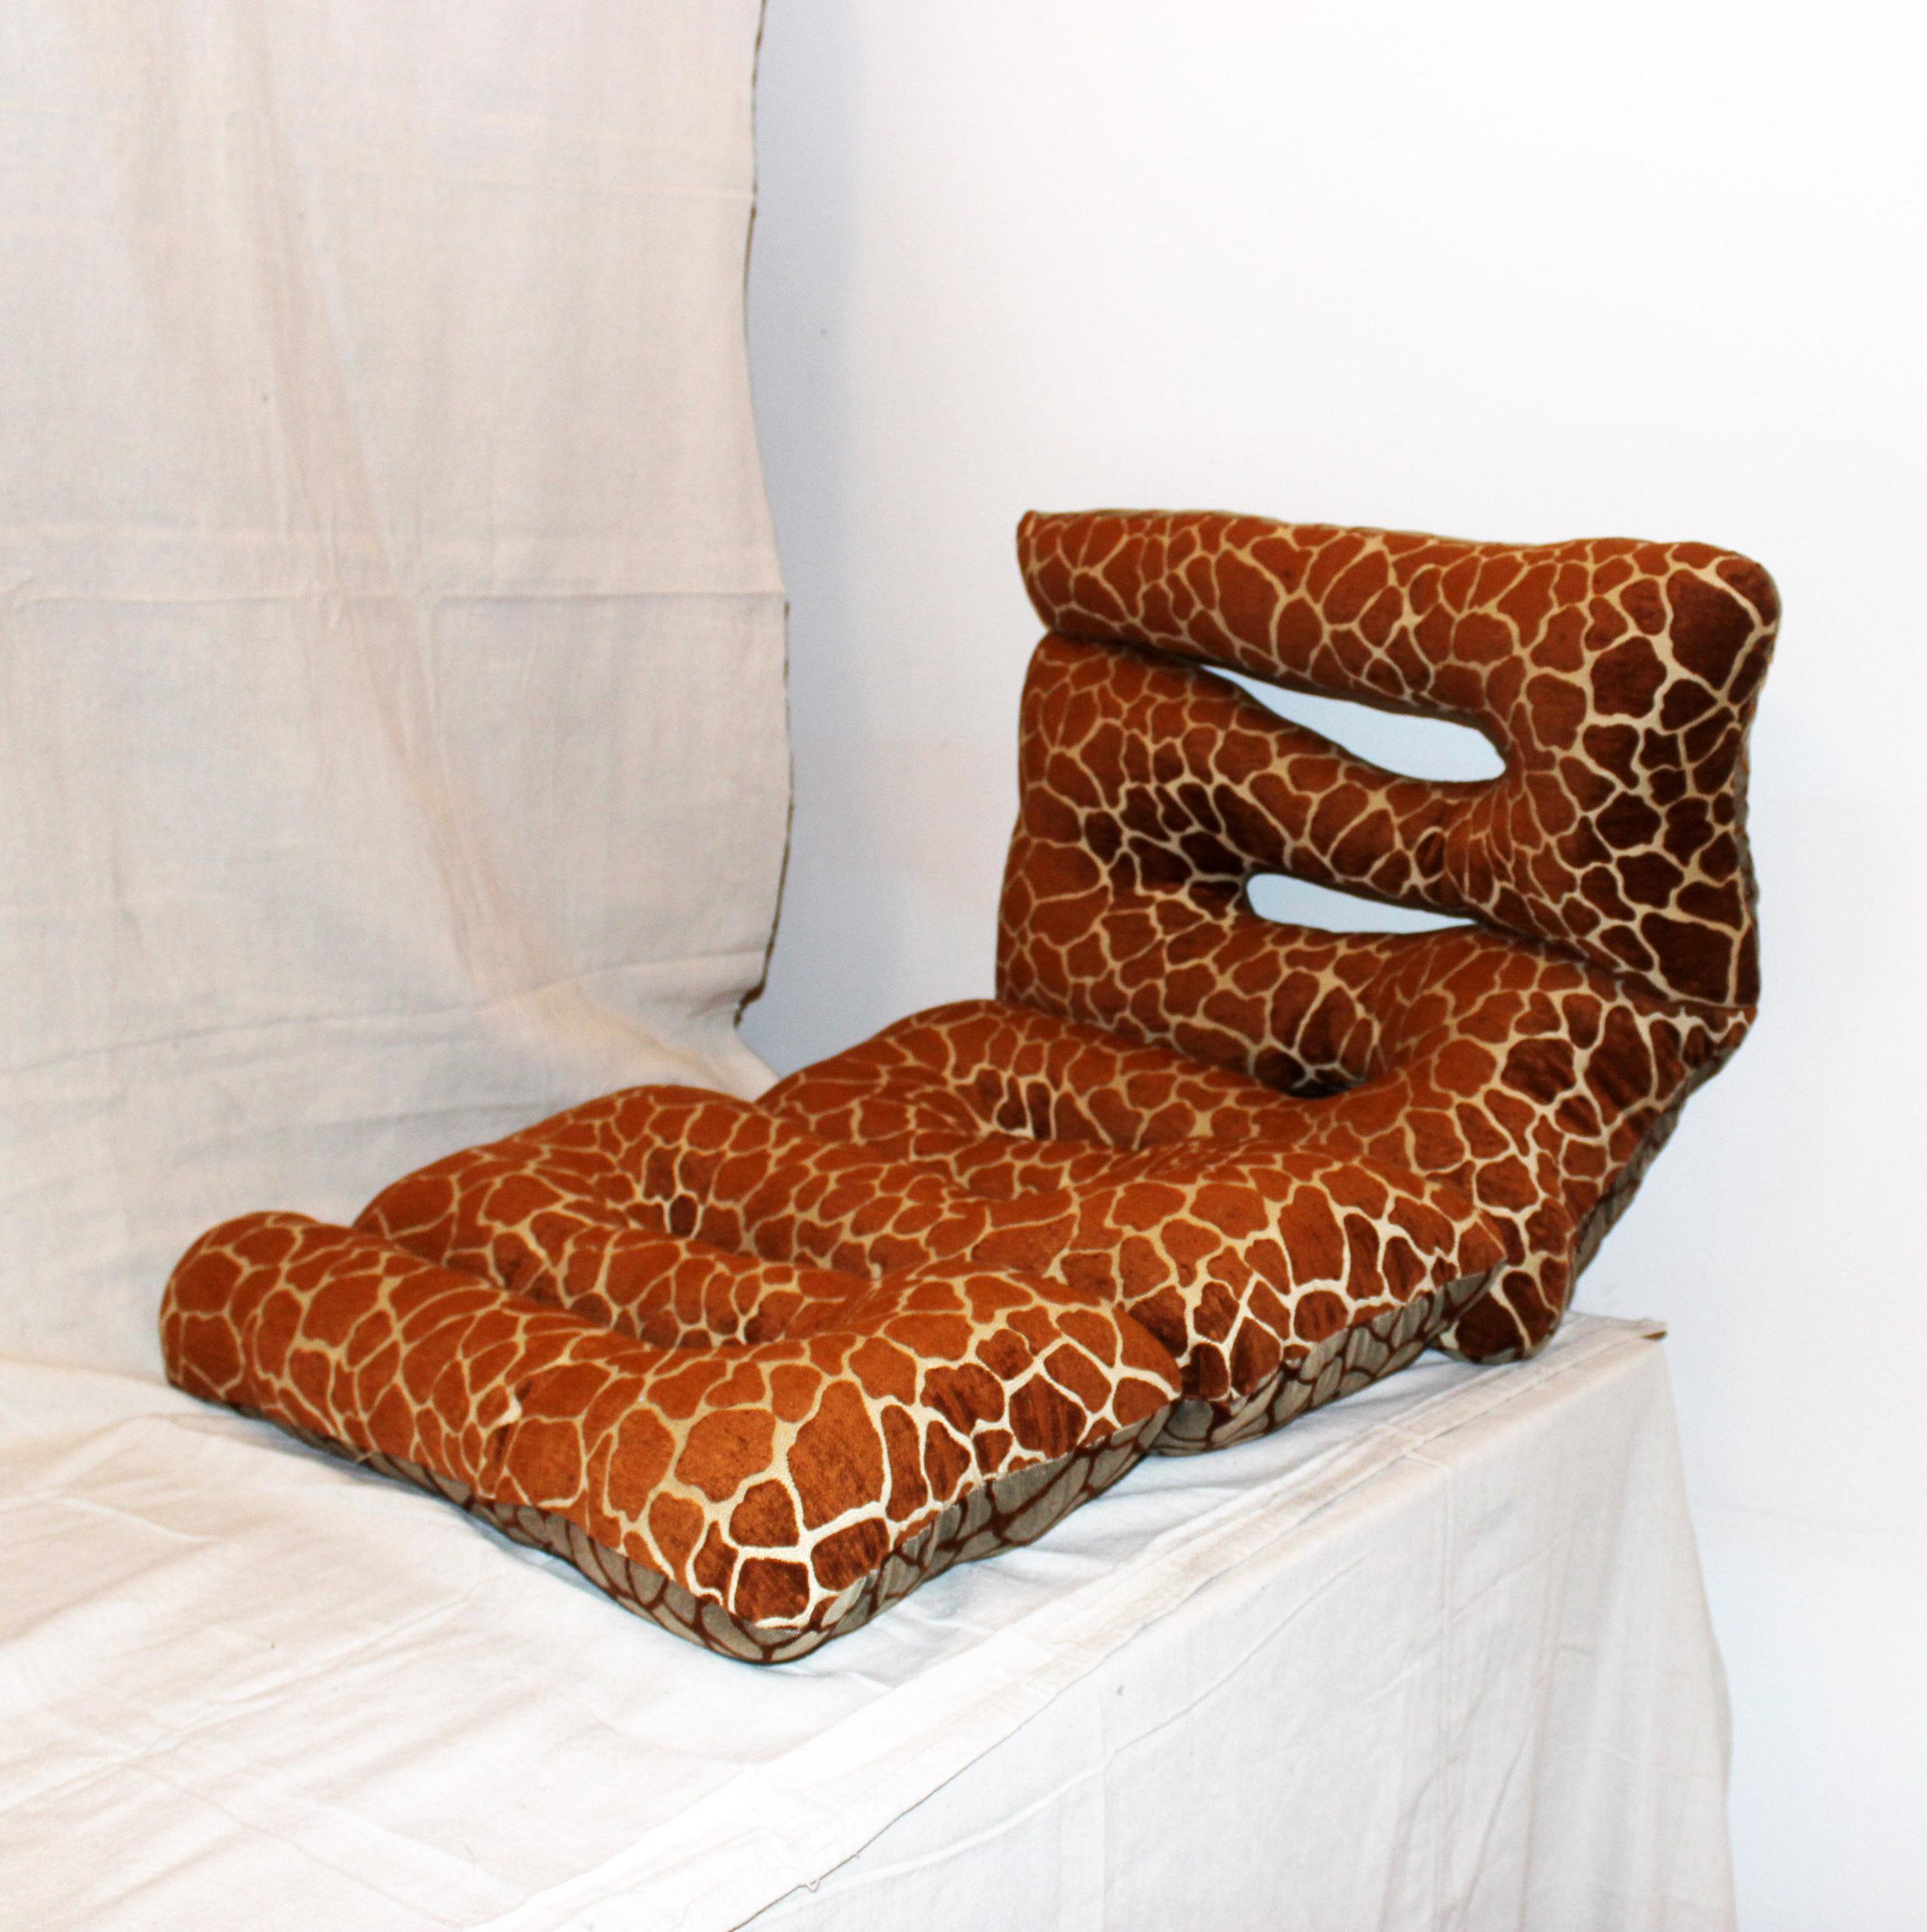 Giraffe Fetish Squiggle Pillow RG.JPG